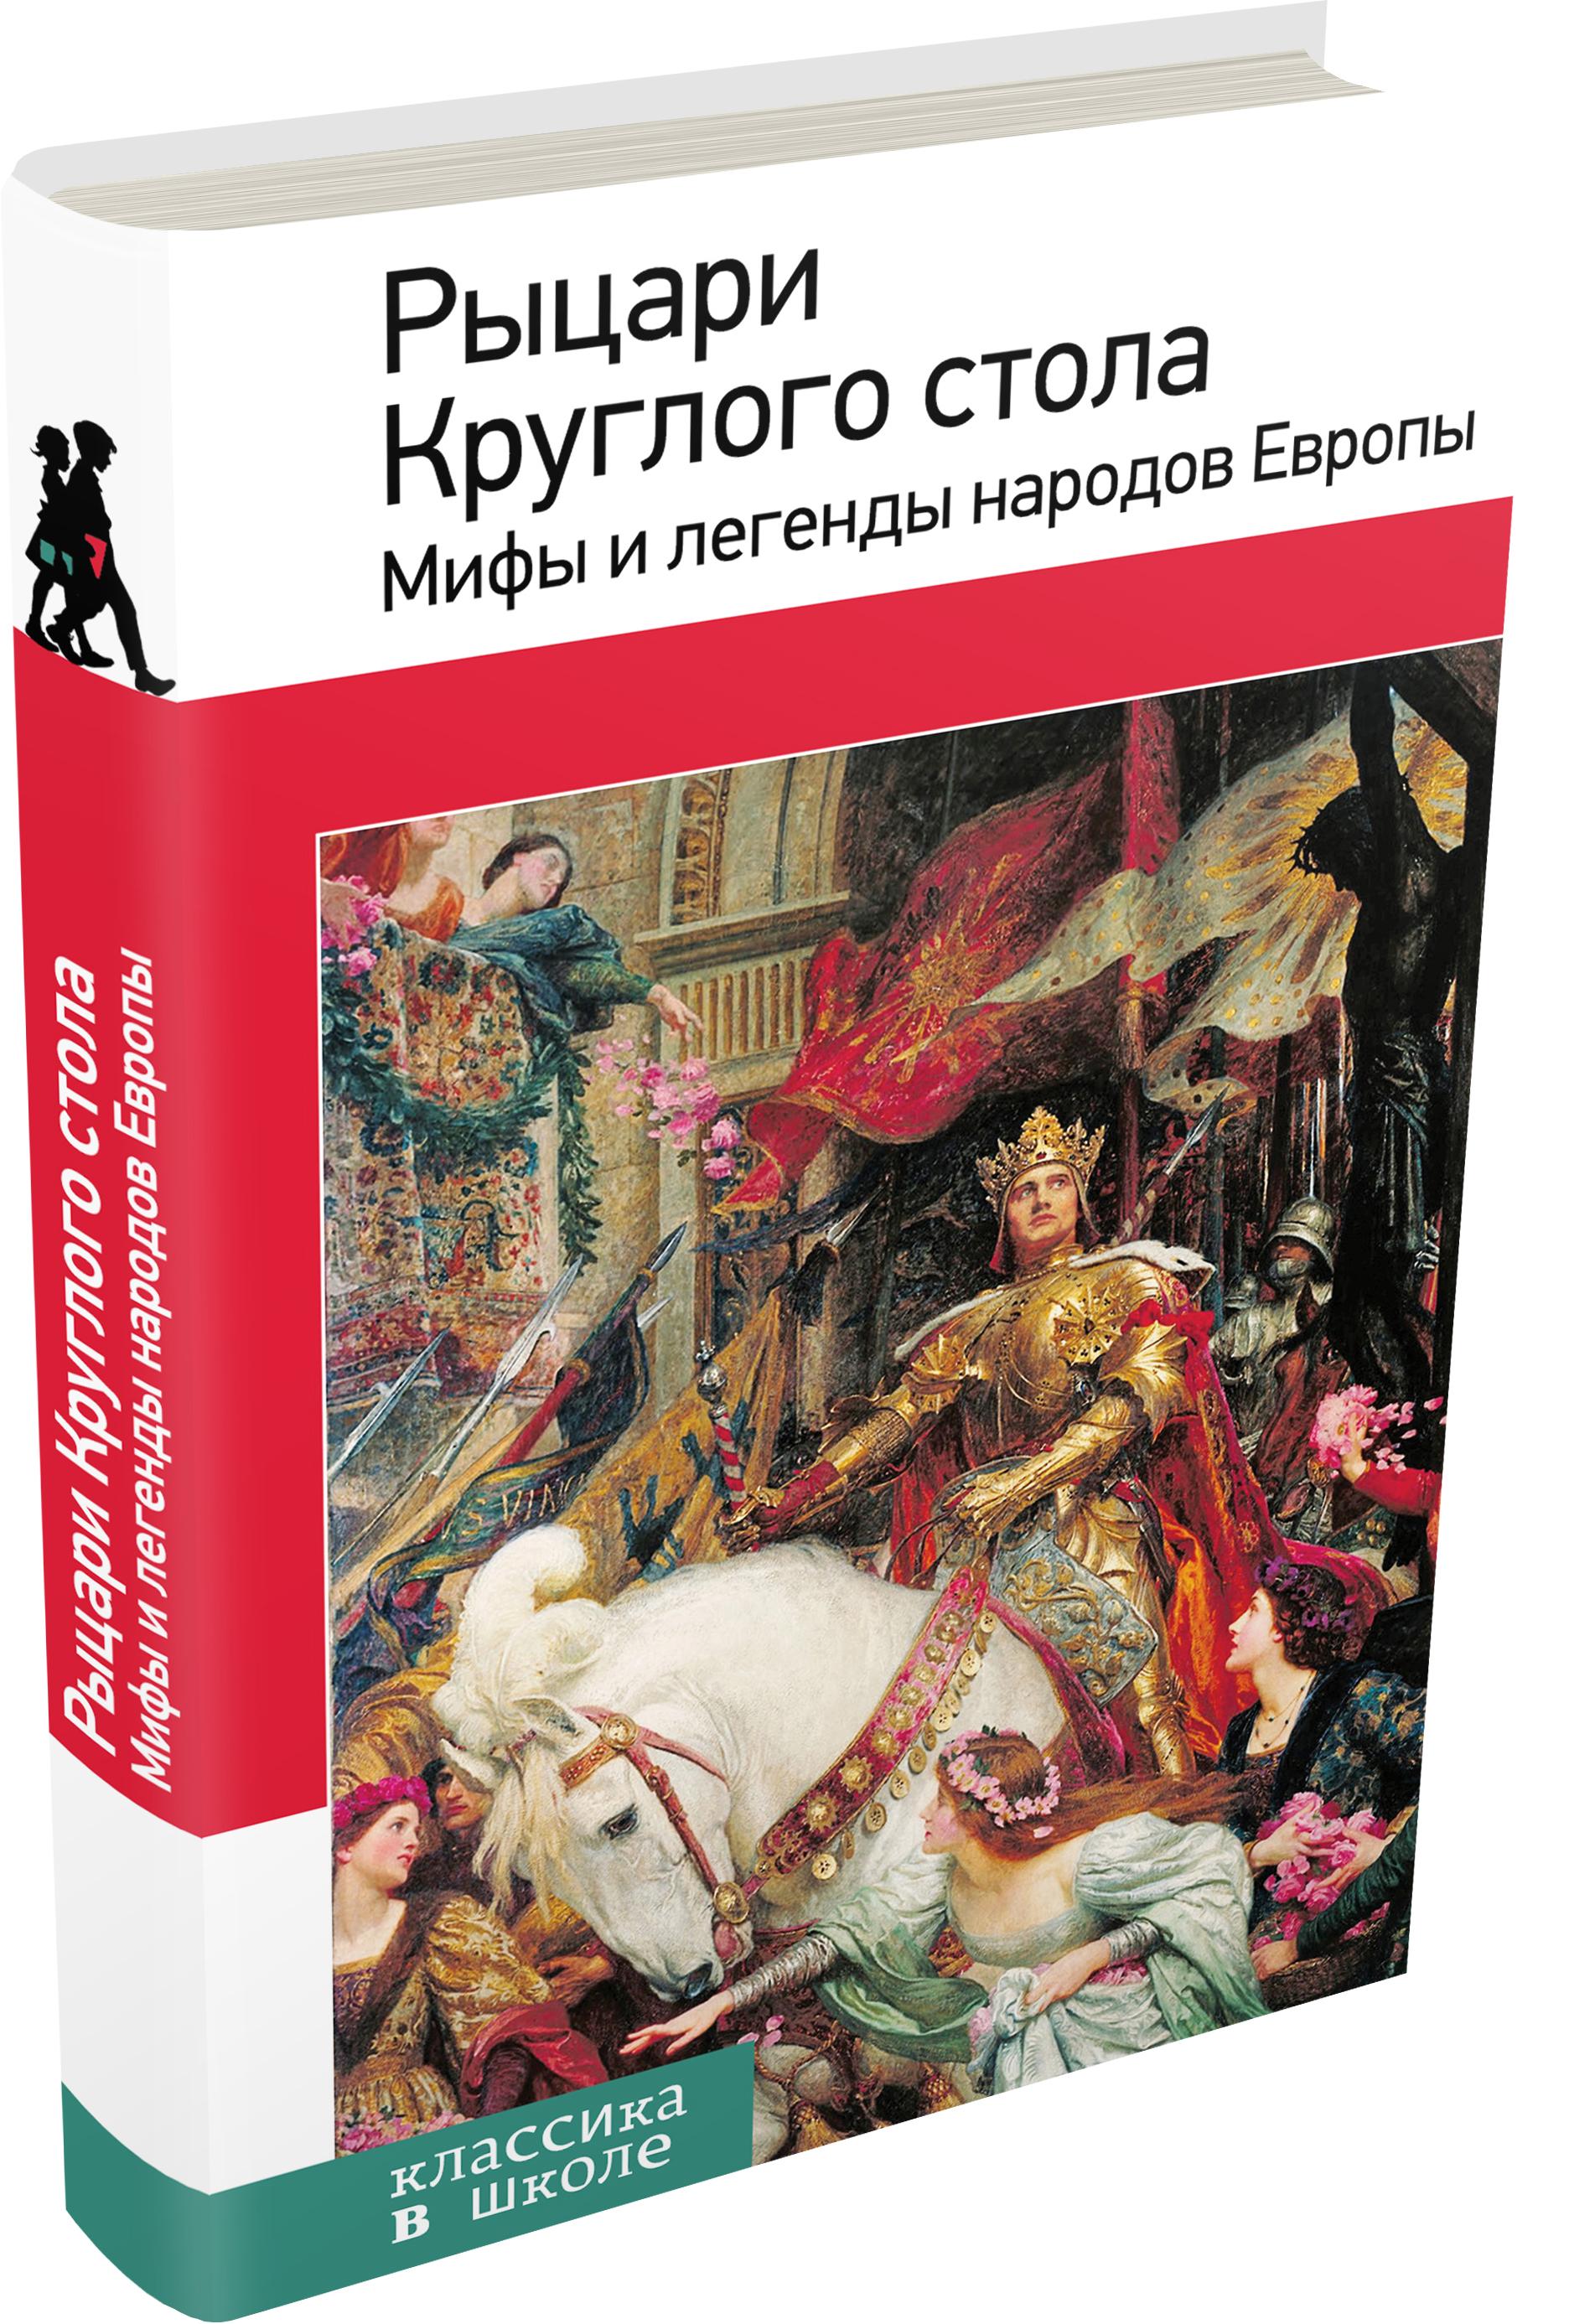 Рыцари Круглого стола. Мифы и легенды народов Европы мифы и легенды европы